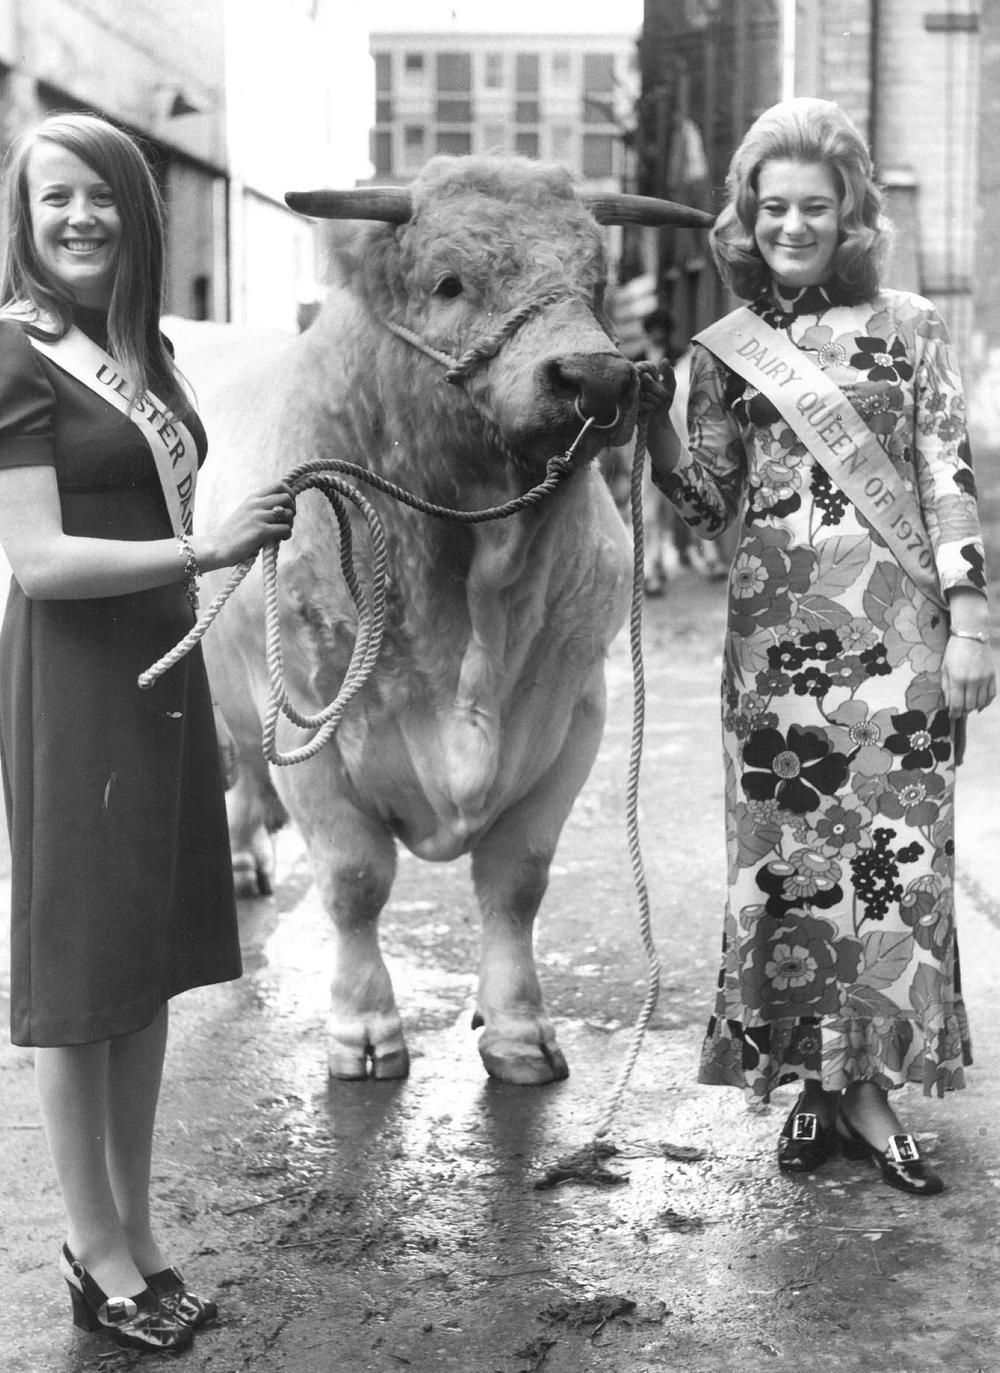 1970 Dairy Queen